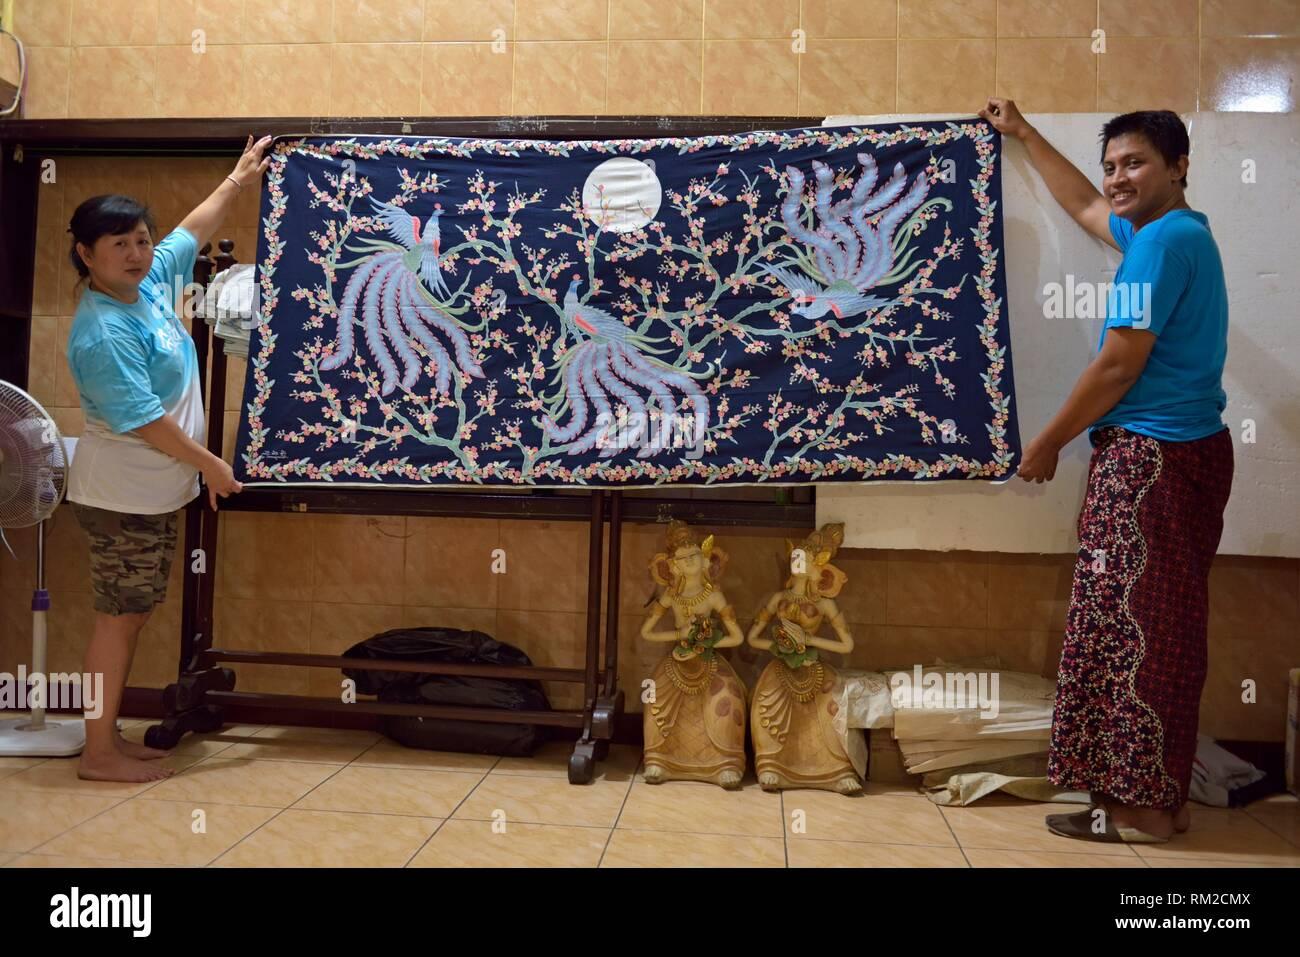 Tissu batik de la SOE Oey Tjoen usine de batik, Pekalongan, l'île de Java, en Indonésie, en Asie du sud-est. Photo Stock